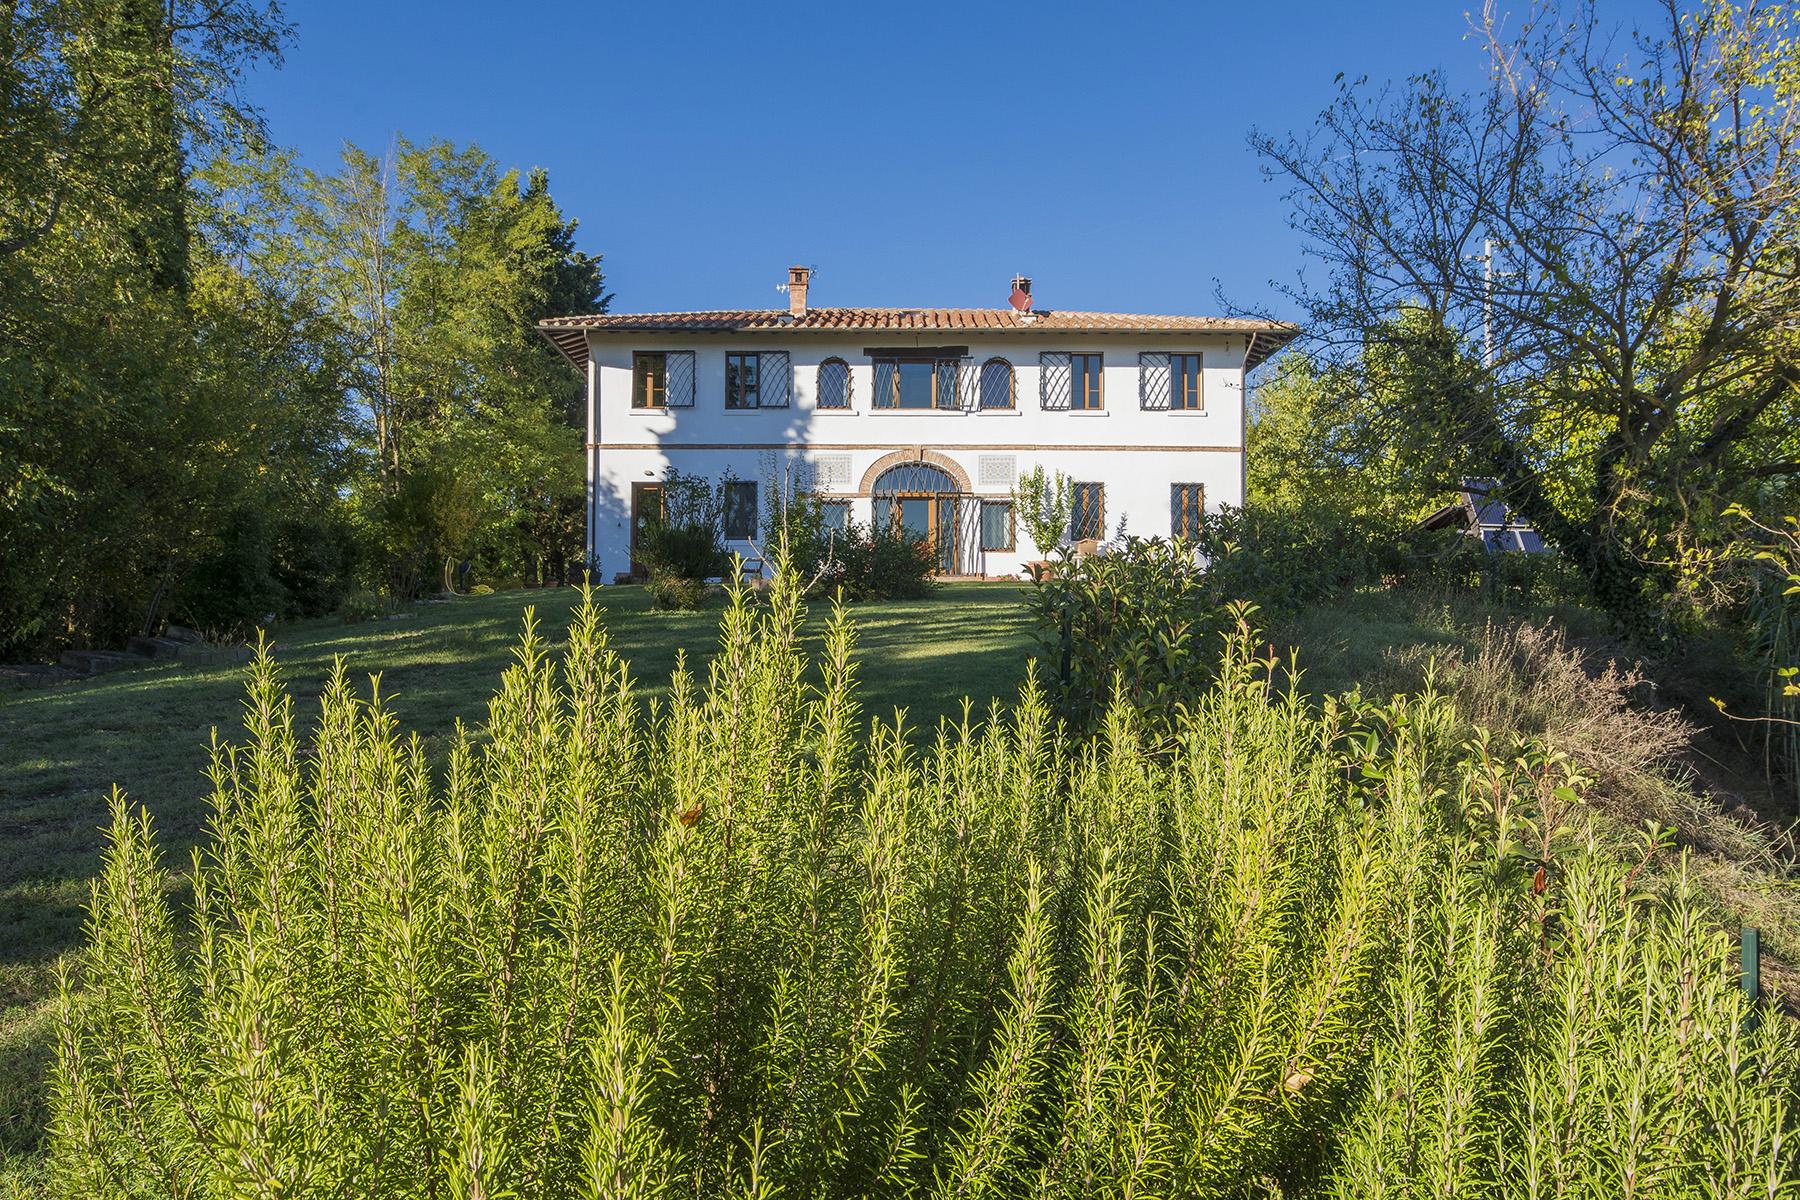 Villa in Vendita a San Miniato: 5 locali, 500 mq - Foto 2